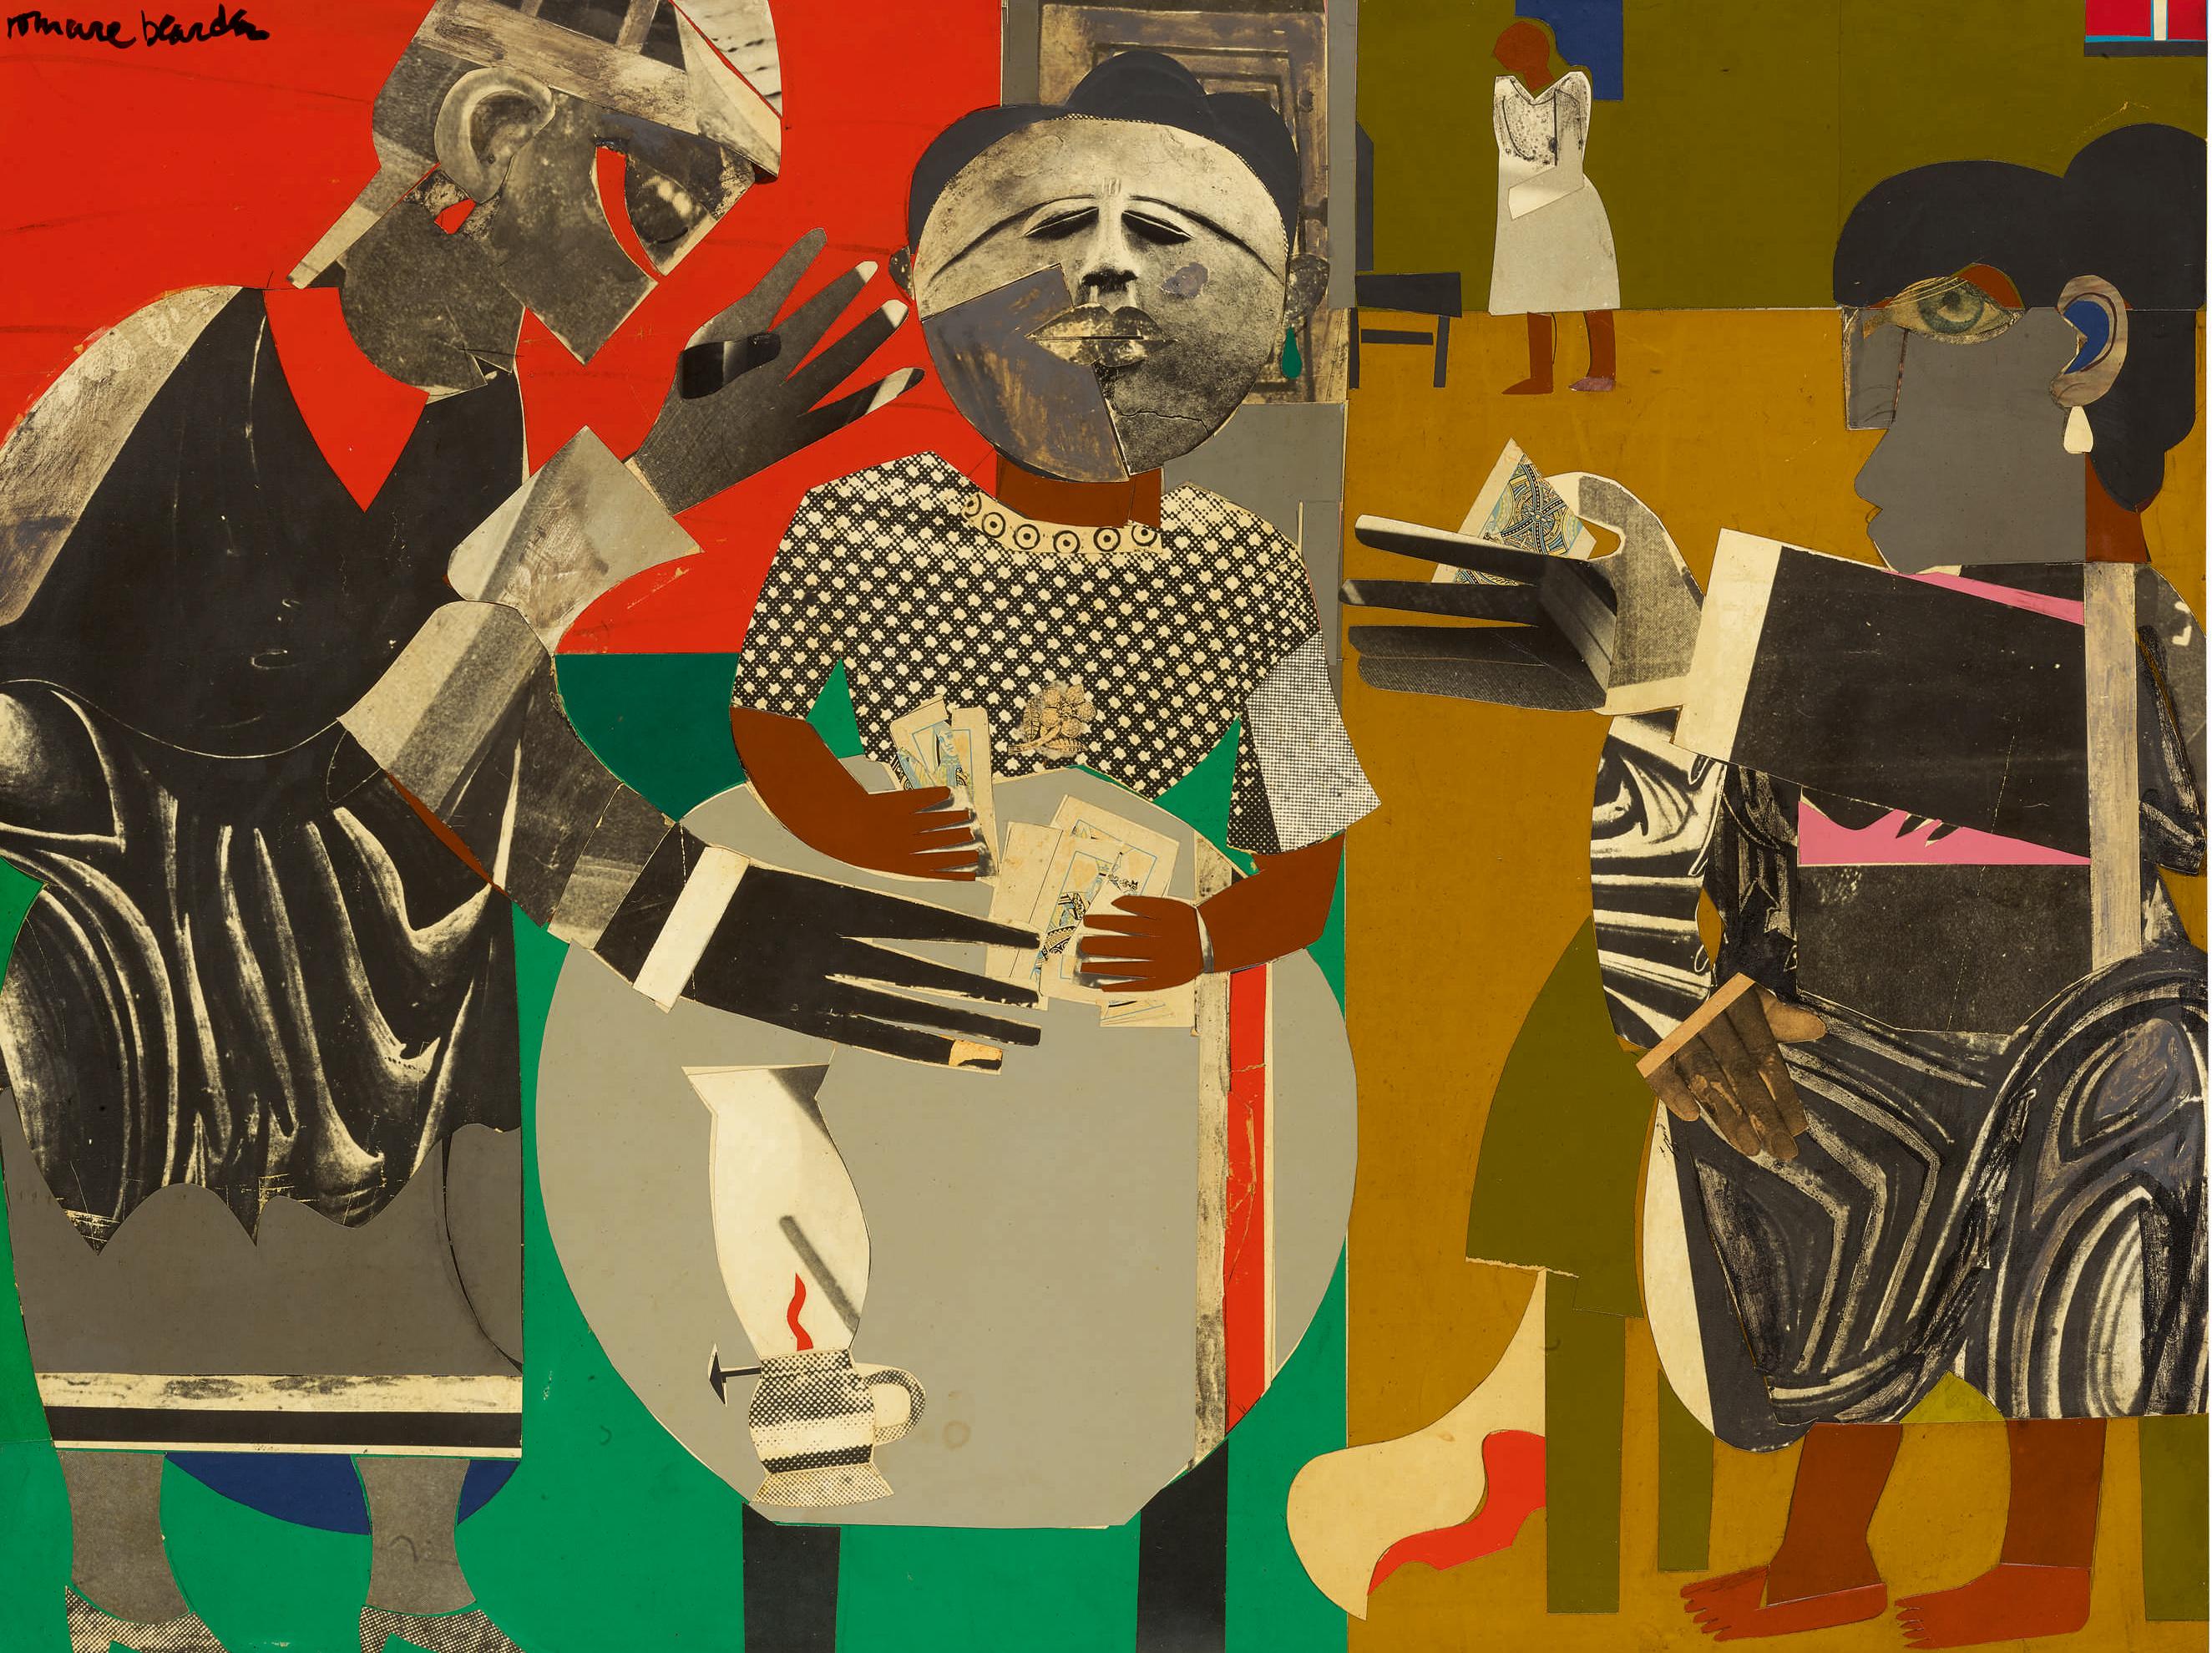 Romare Bearden, 'The Fortune Teller', 1968.